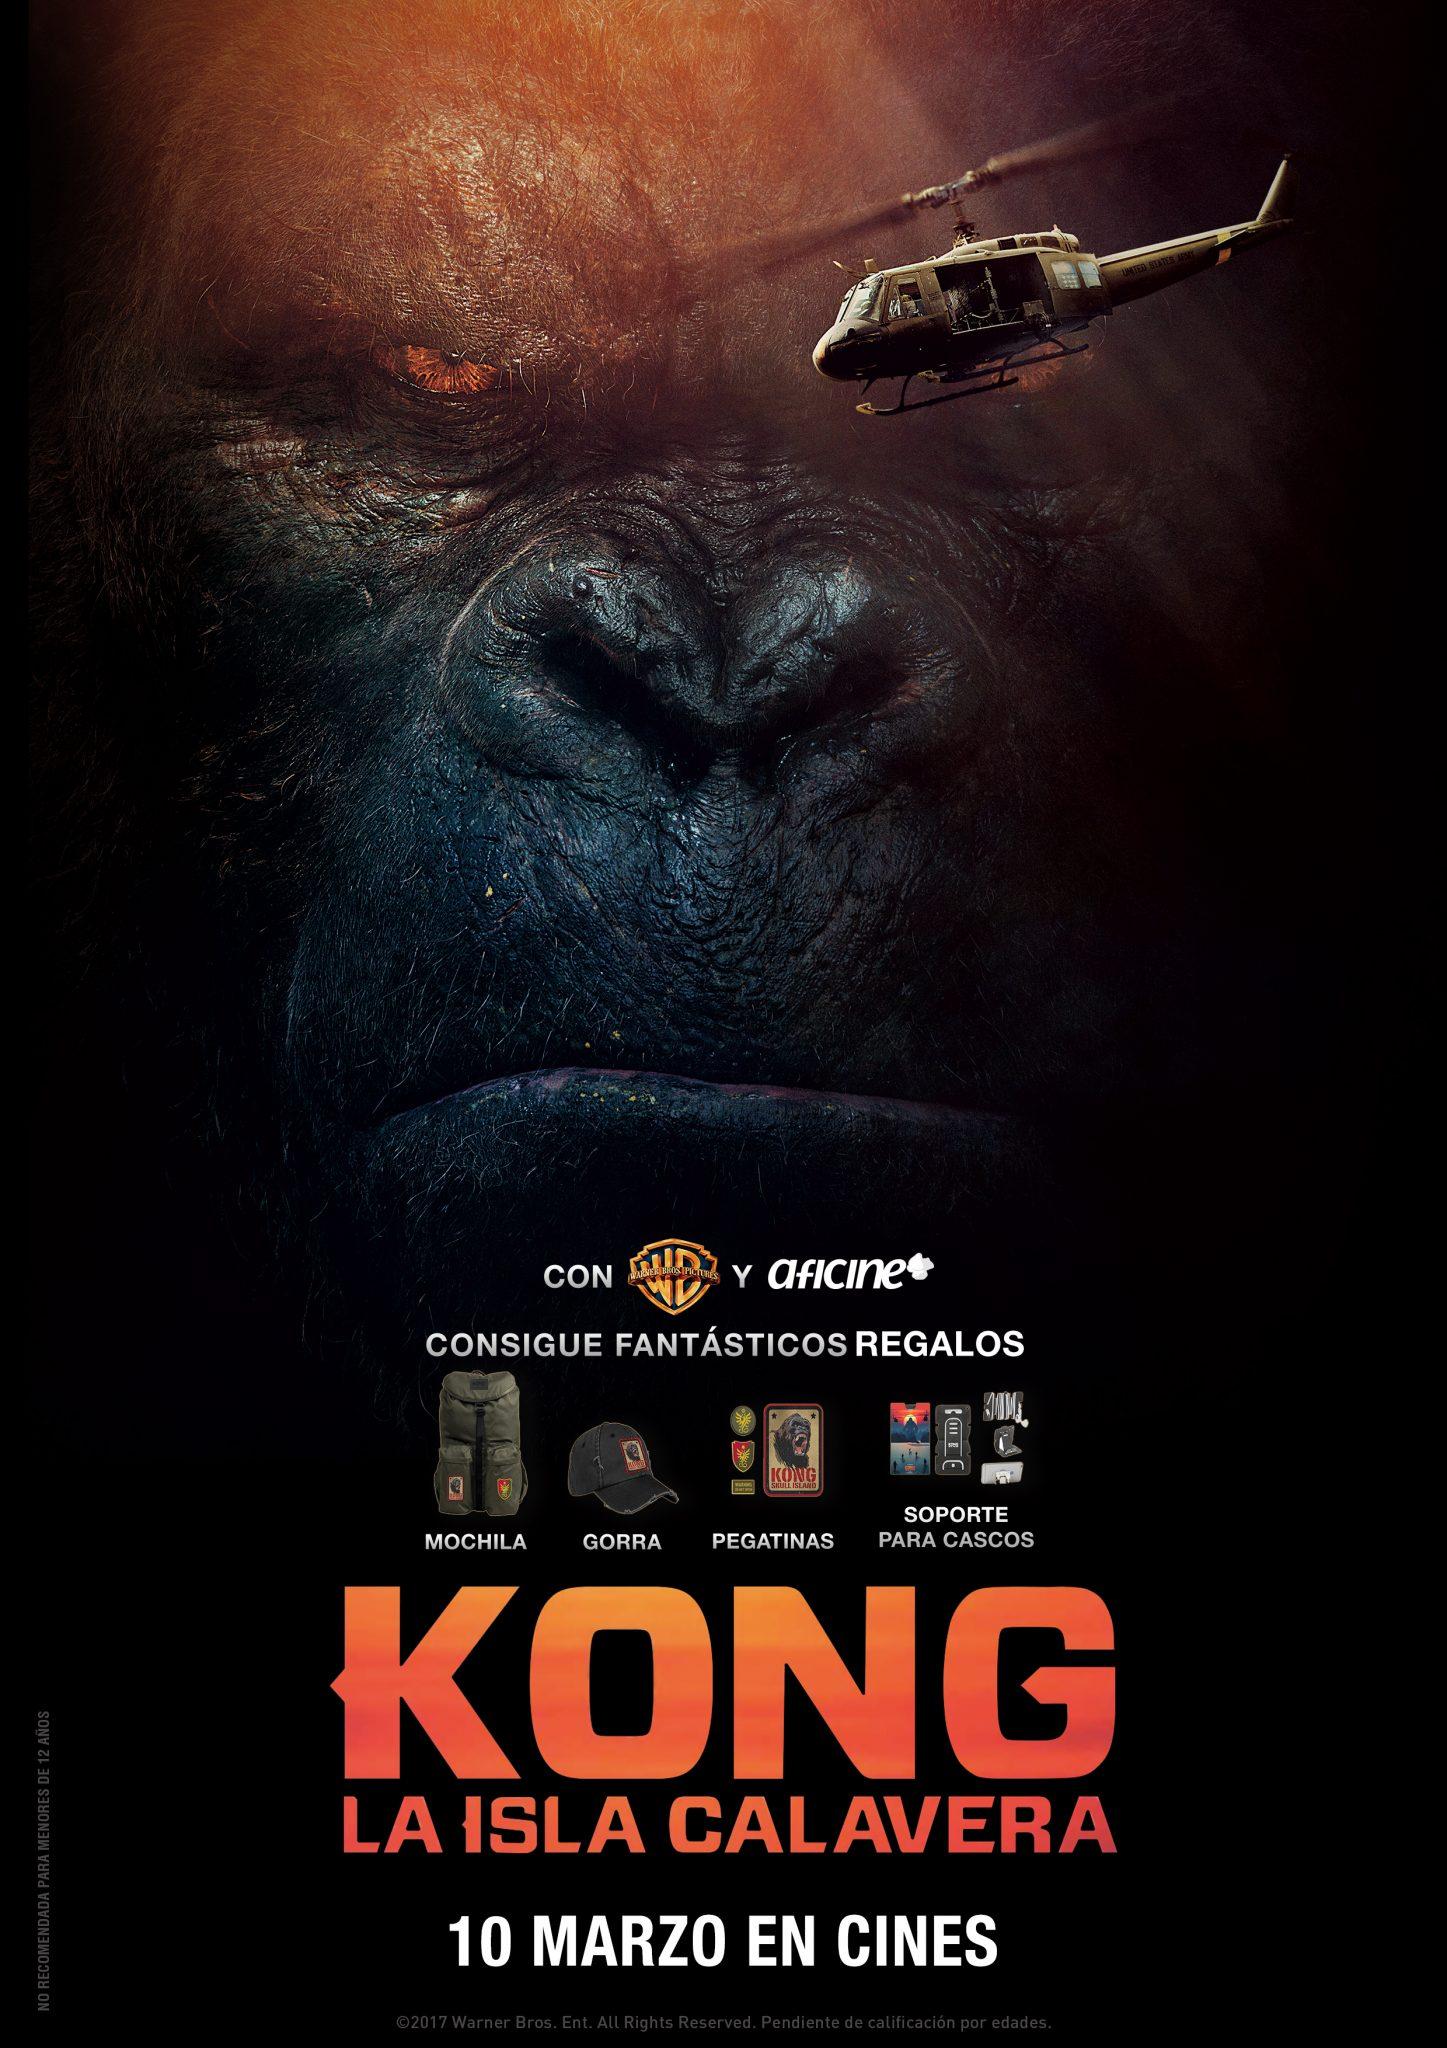 Kong: La isla calavera<br>Consigue fantásticos regalos